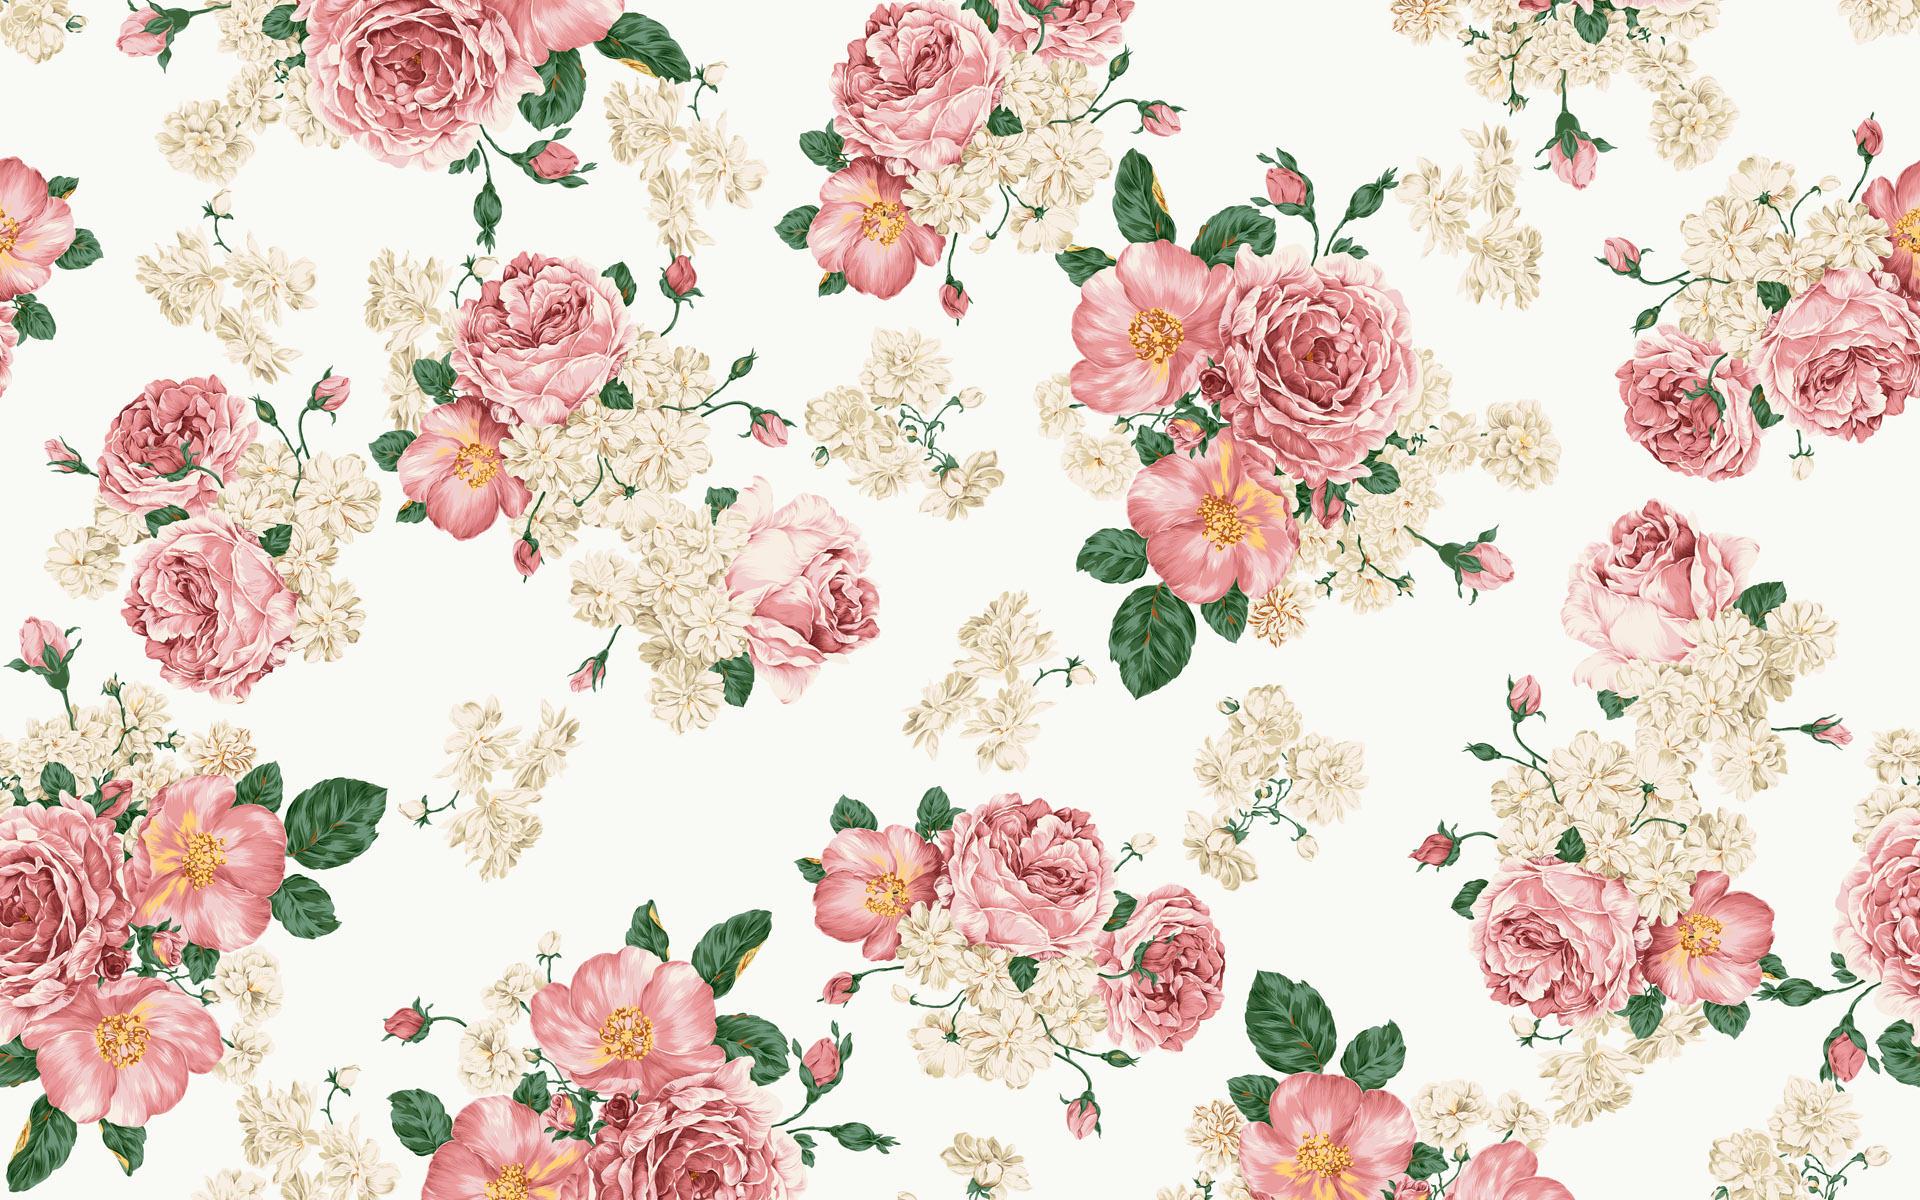 flower tumblr wallpaper | 1920x1200 | #42453